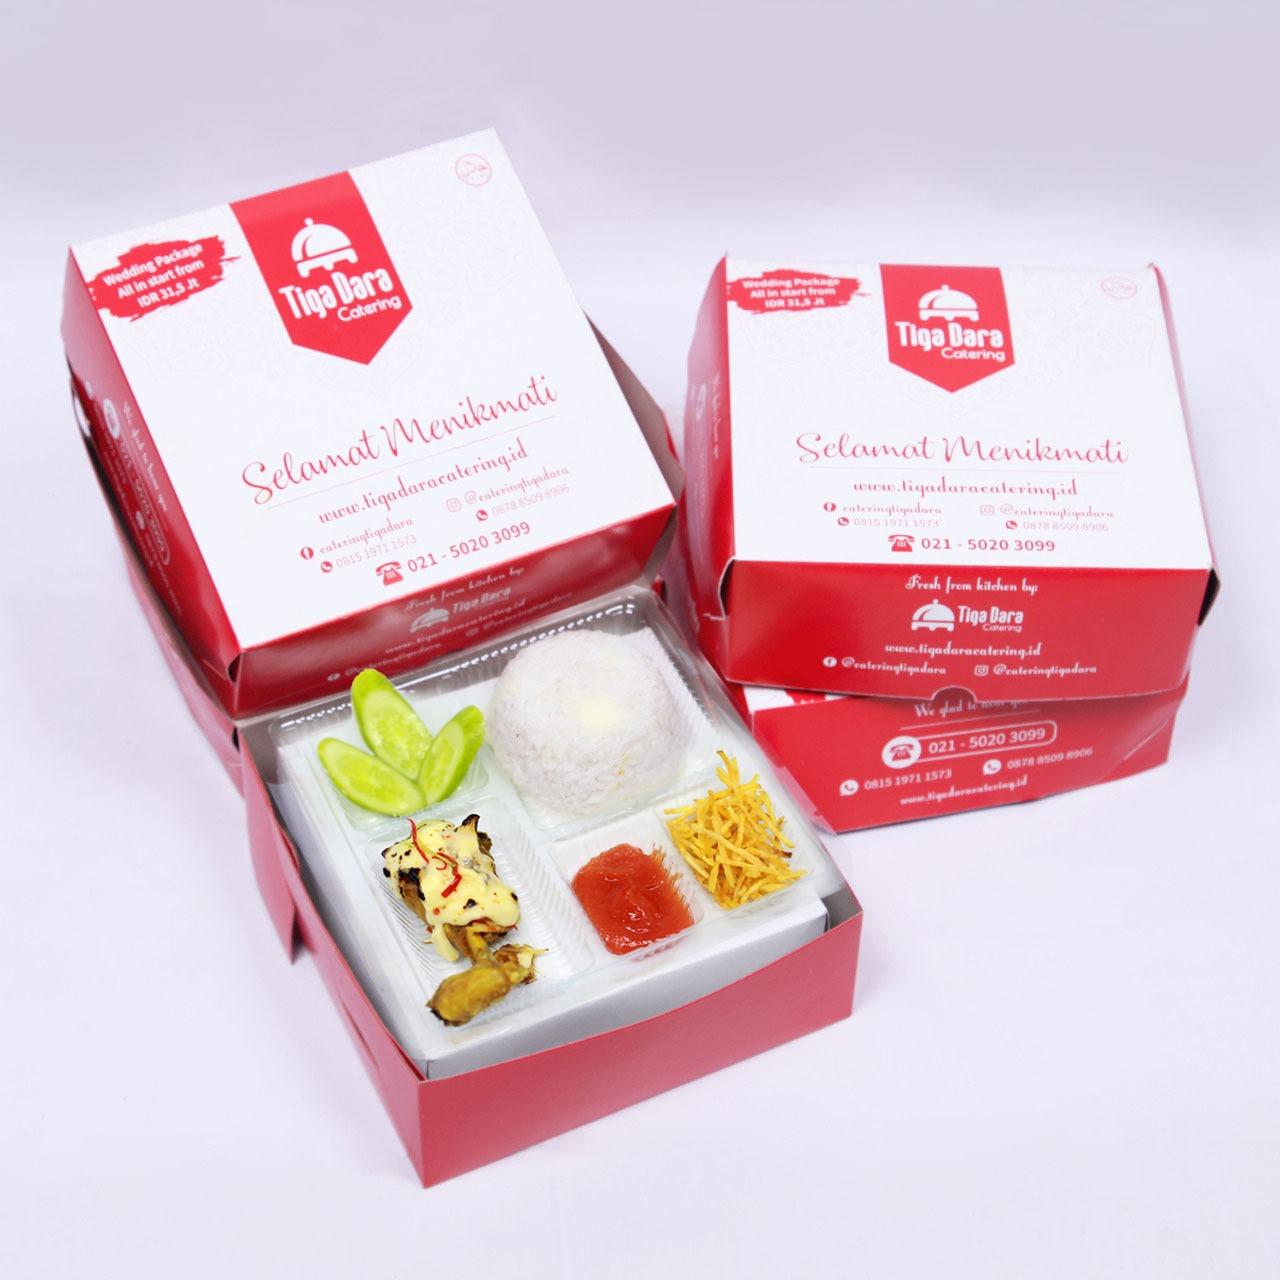 tiga_dara_*Nasi Box Enak & Murah_Business Class | Paket 31 (Ayam Geprek)